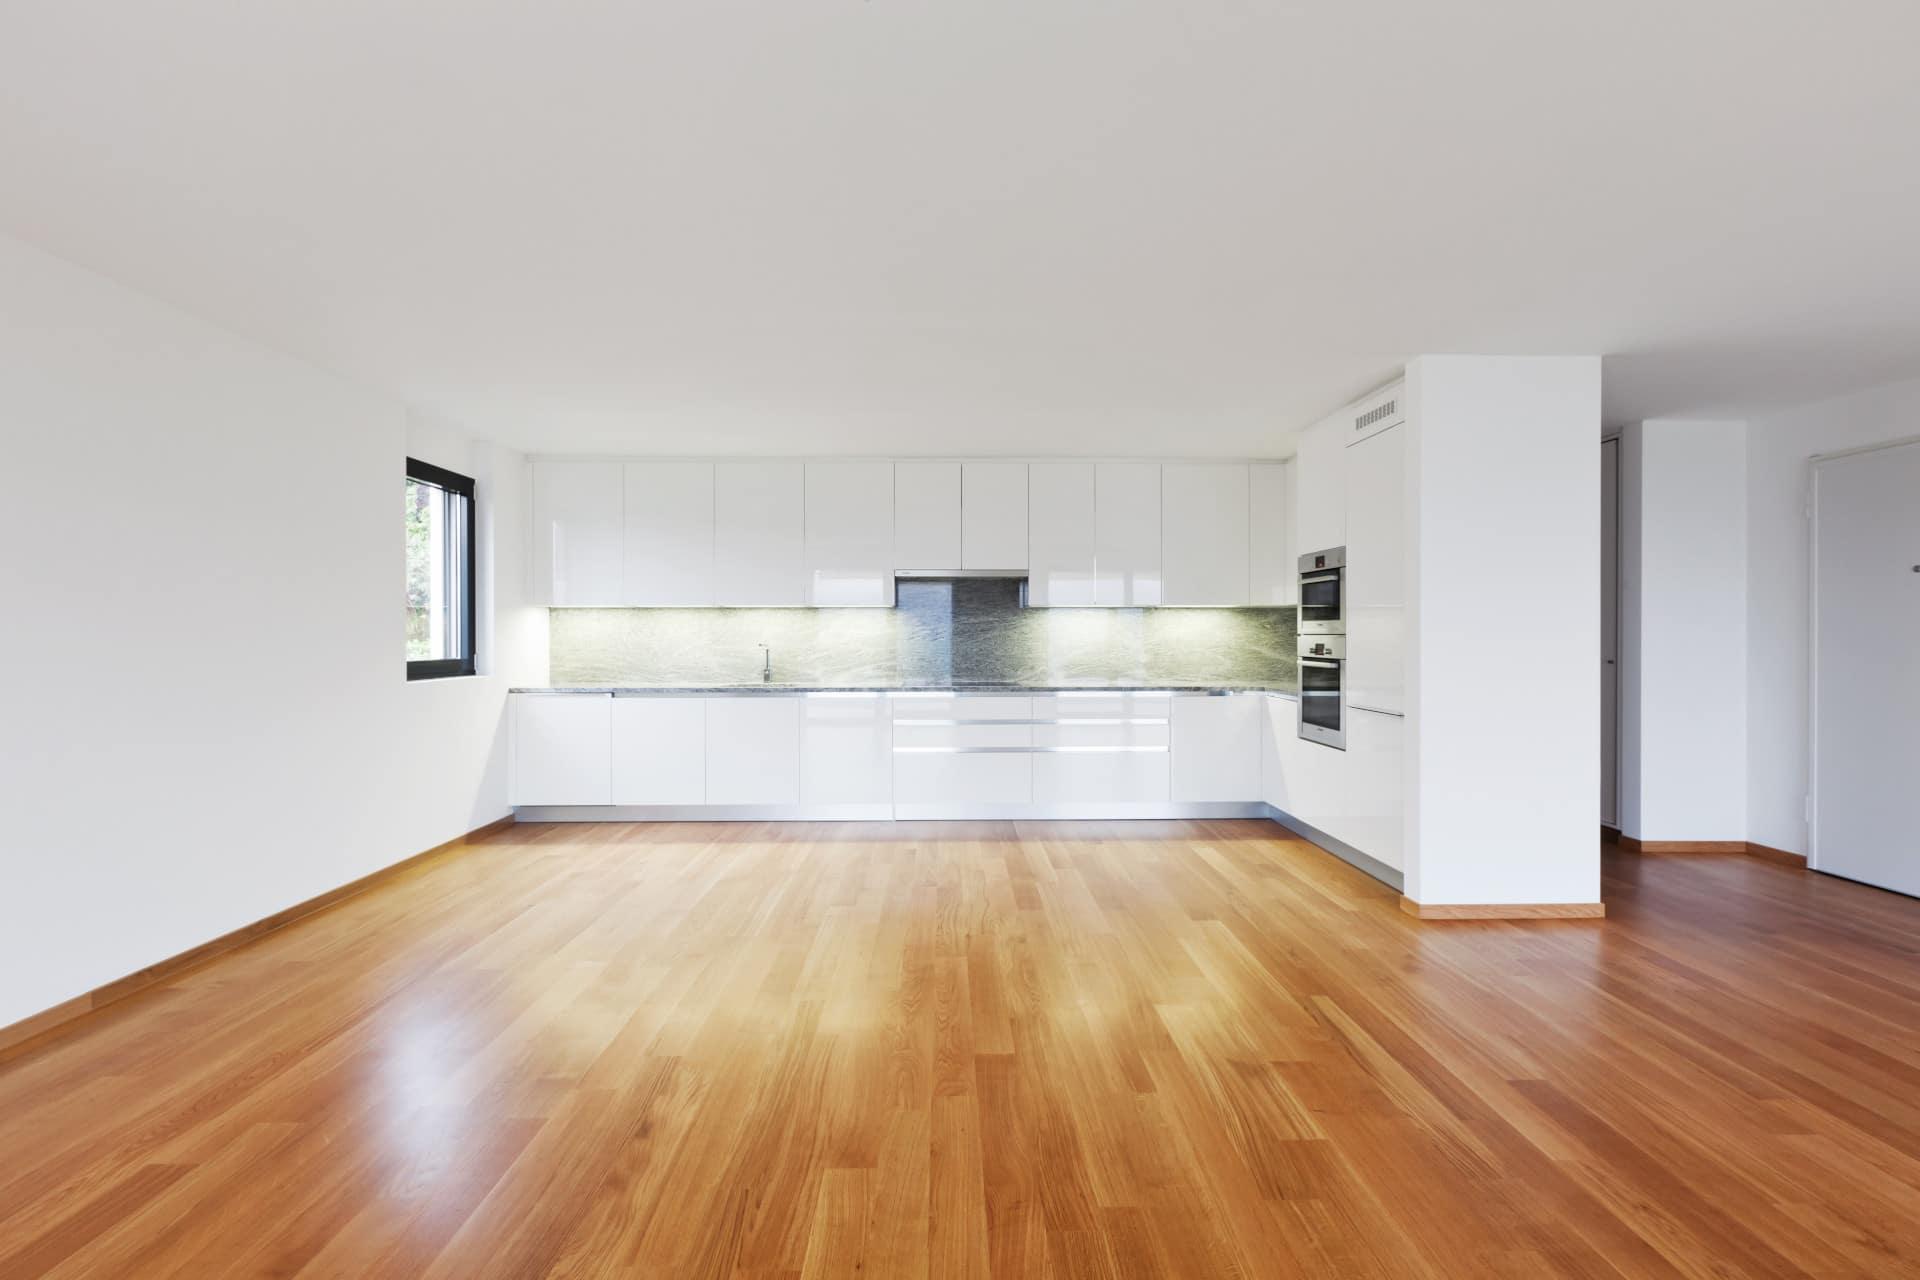 New vinyl flooring in an open concept home